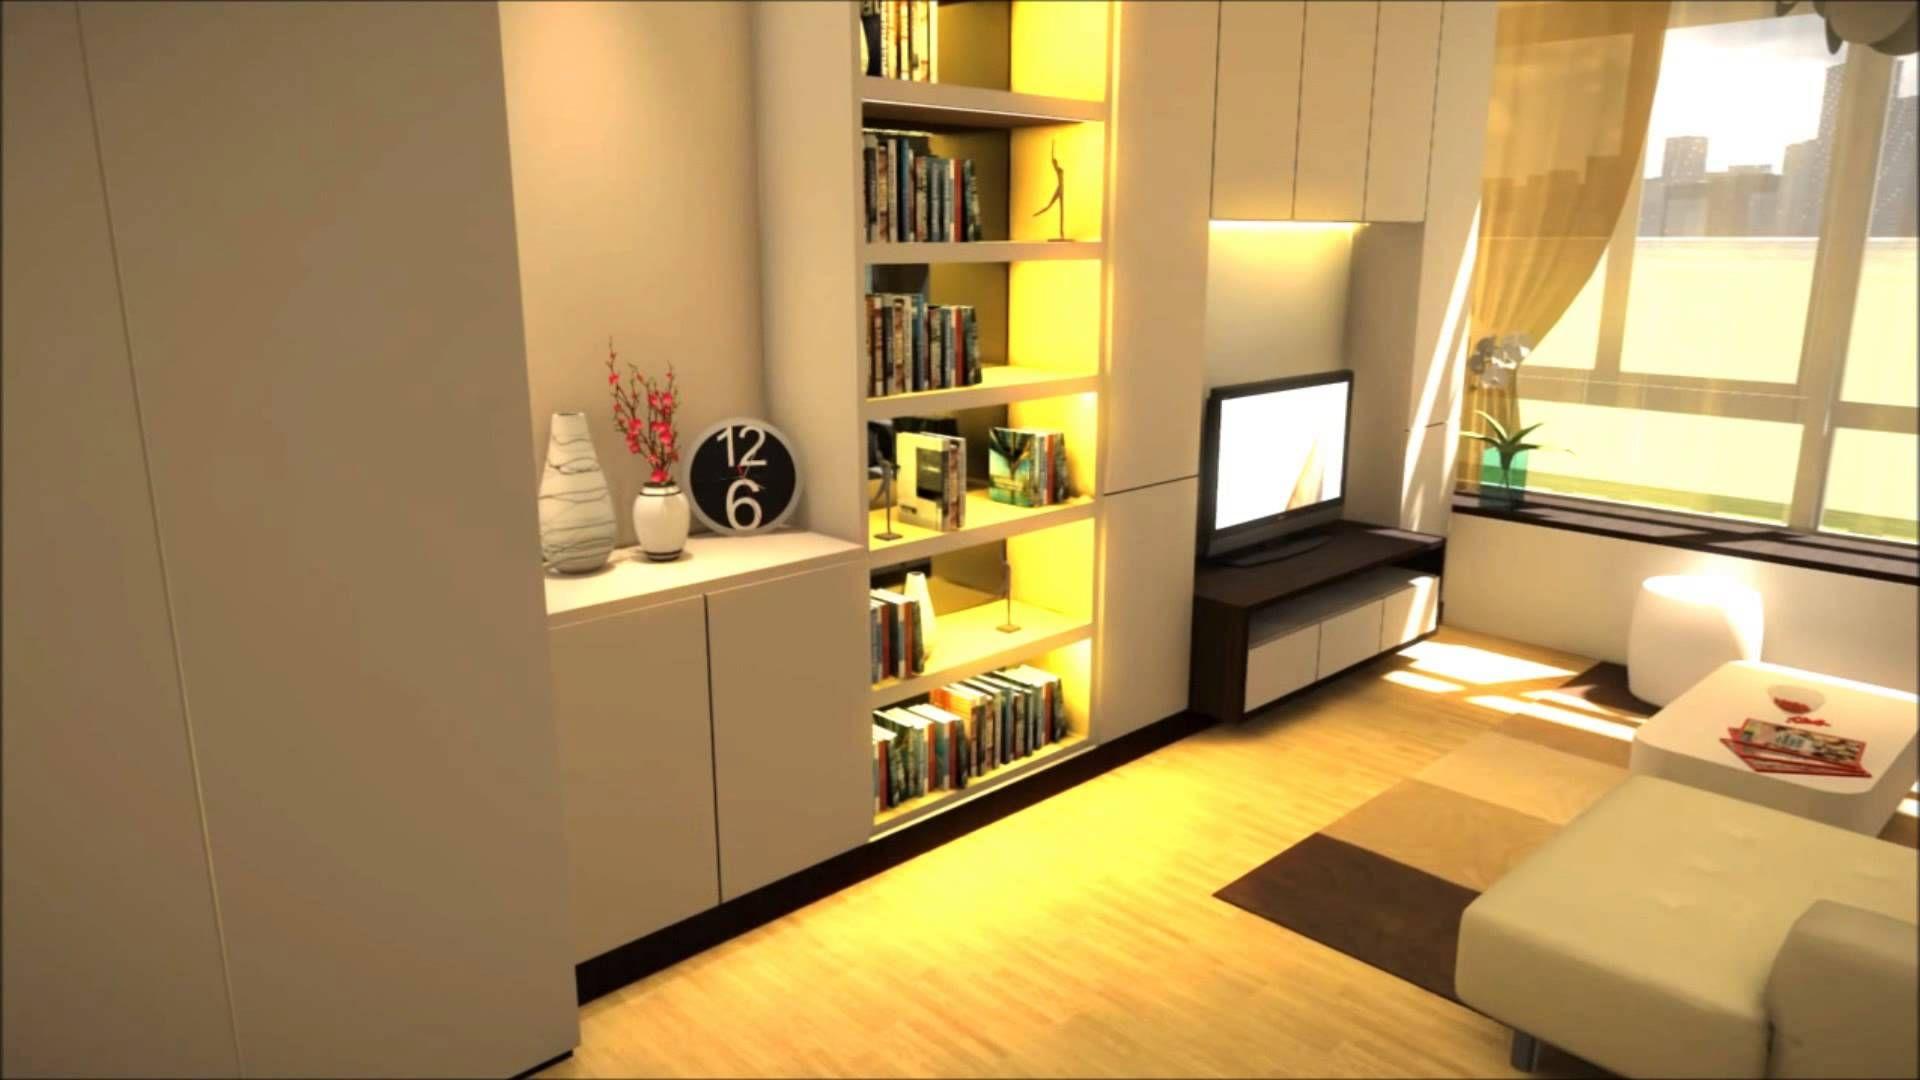 studio unit interior design | Home Ideas | Pinterest | Condos ...